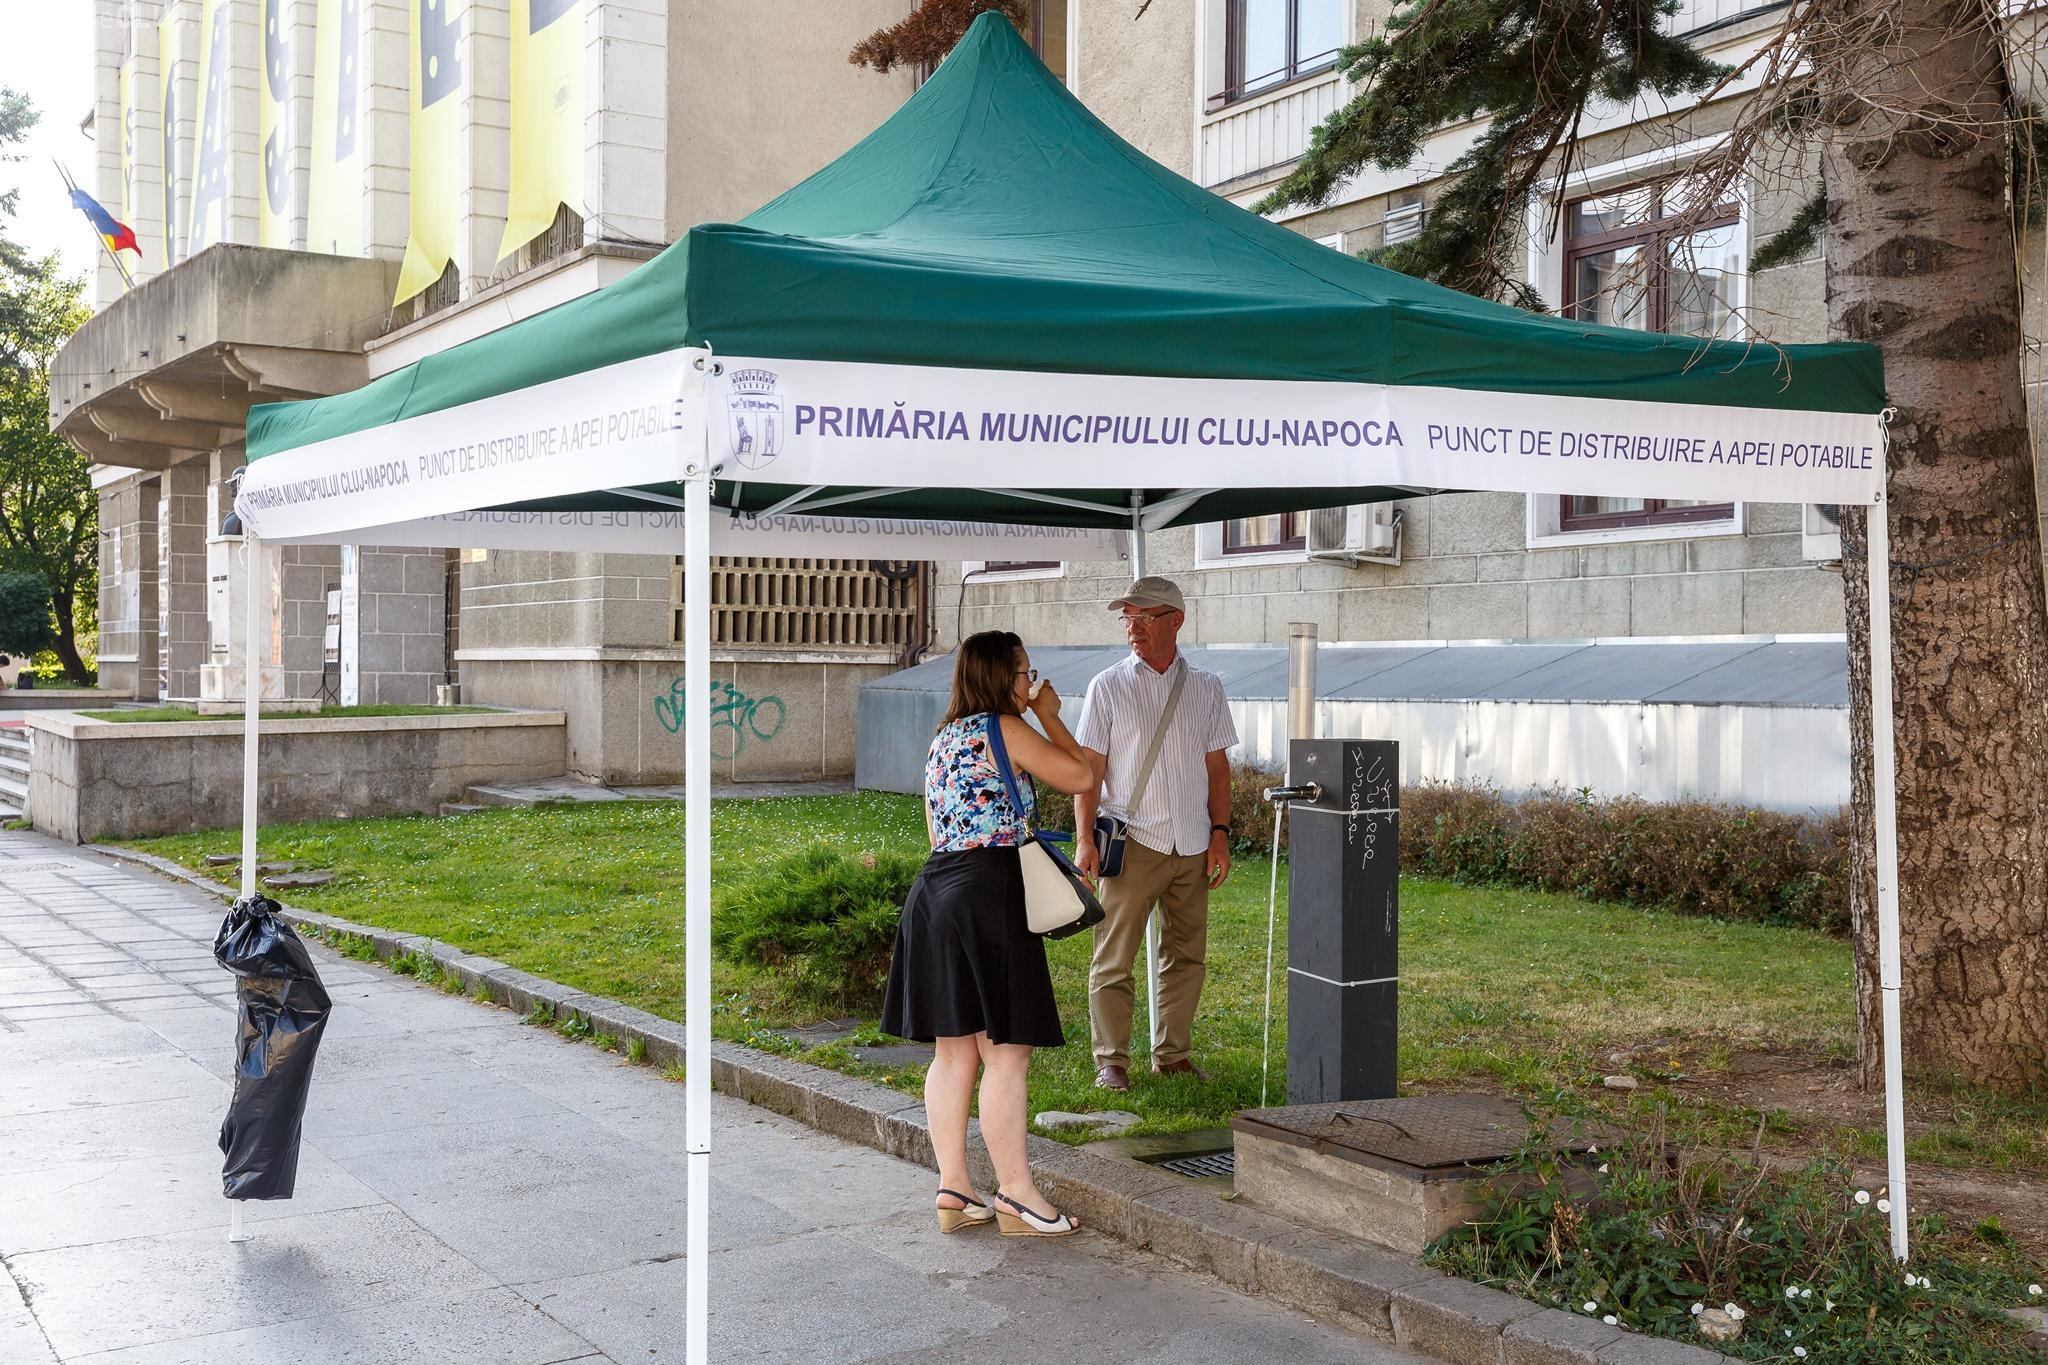 Cluj-Napoca: Unde sunt punctele cu apă potabilă pe durata caniculei